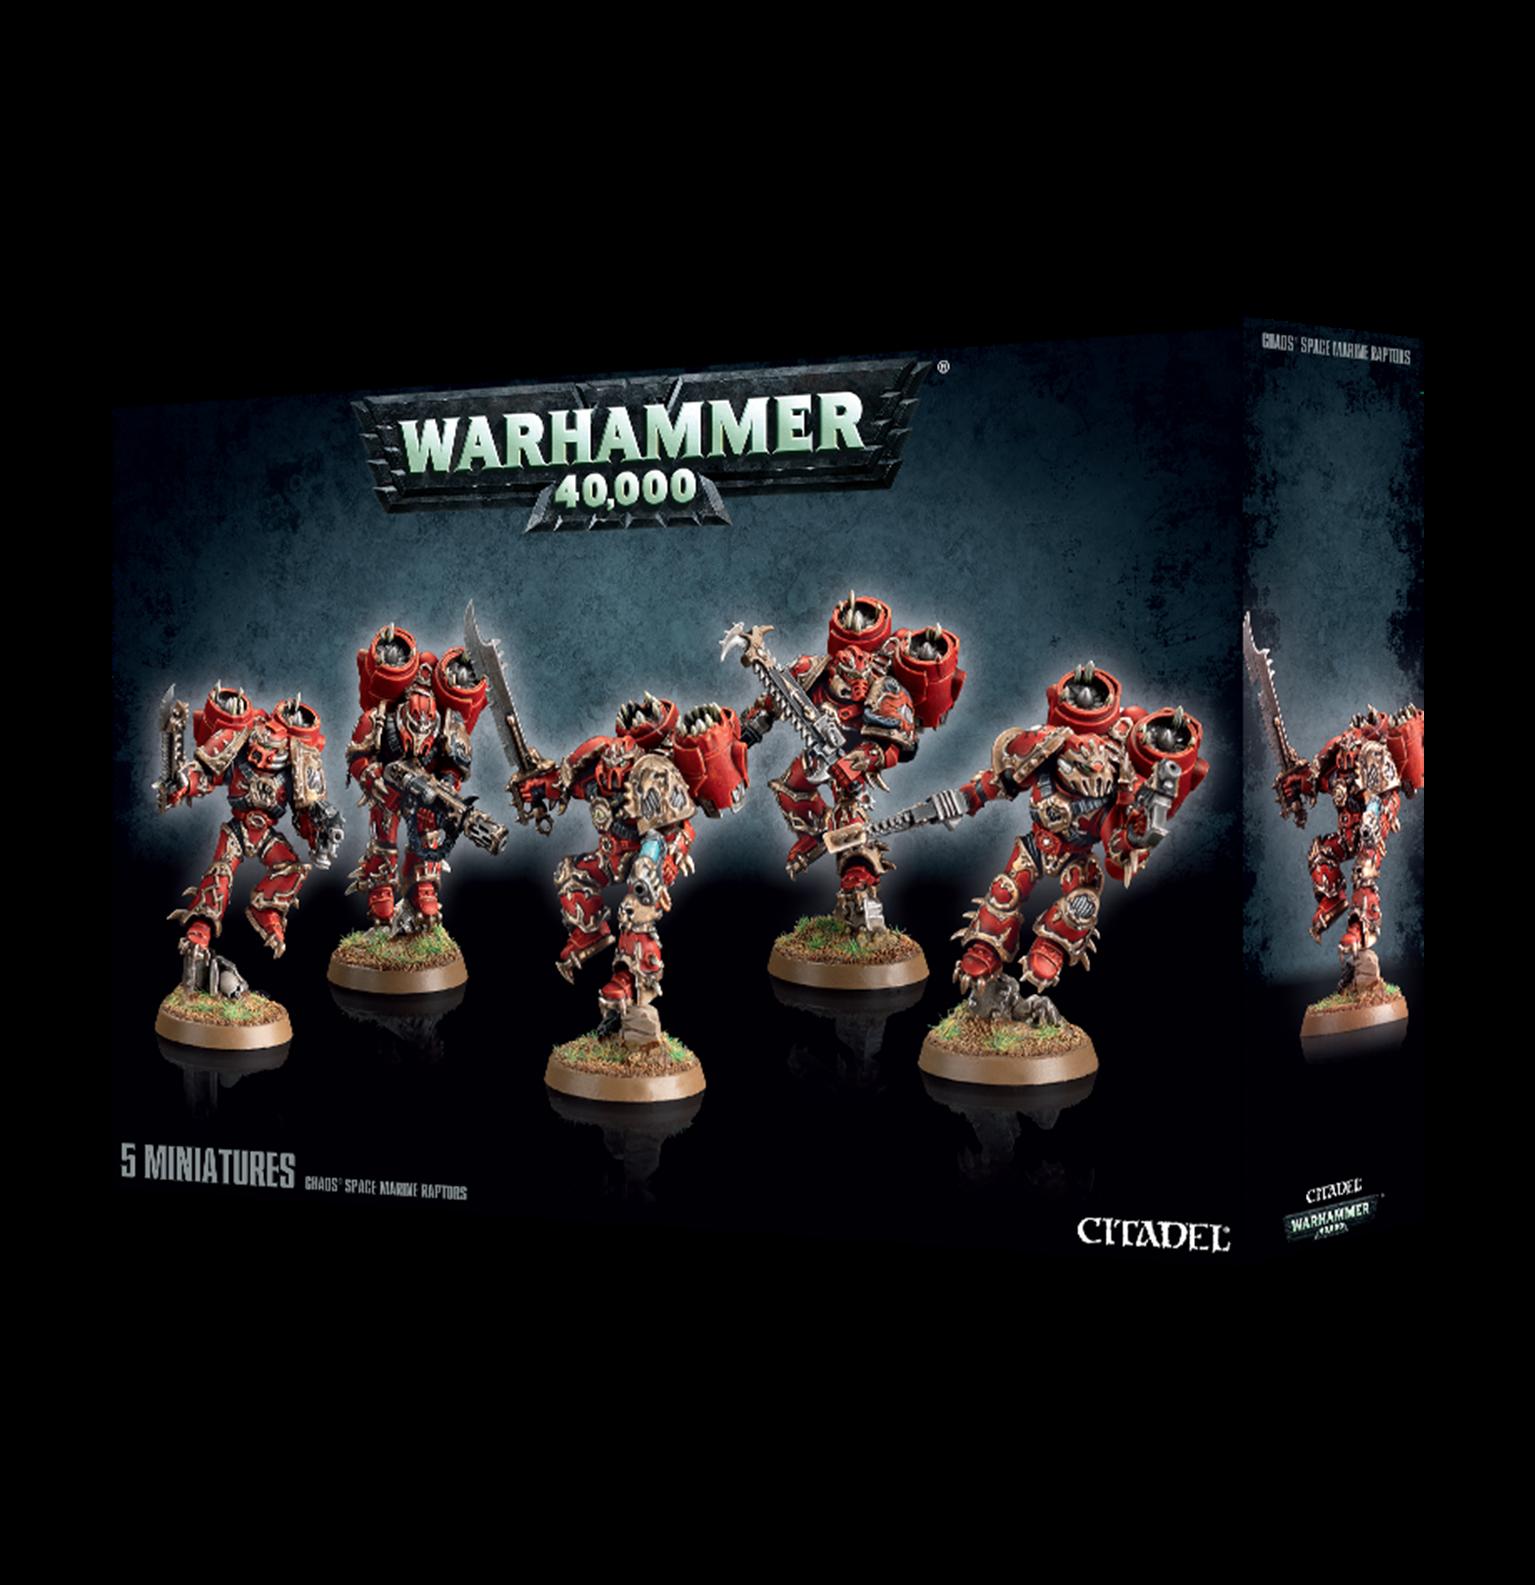 Warhammer 40,000 Chaos Space Marines Raptors